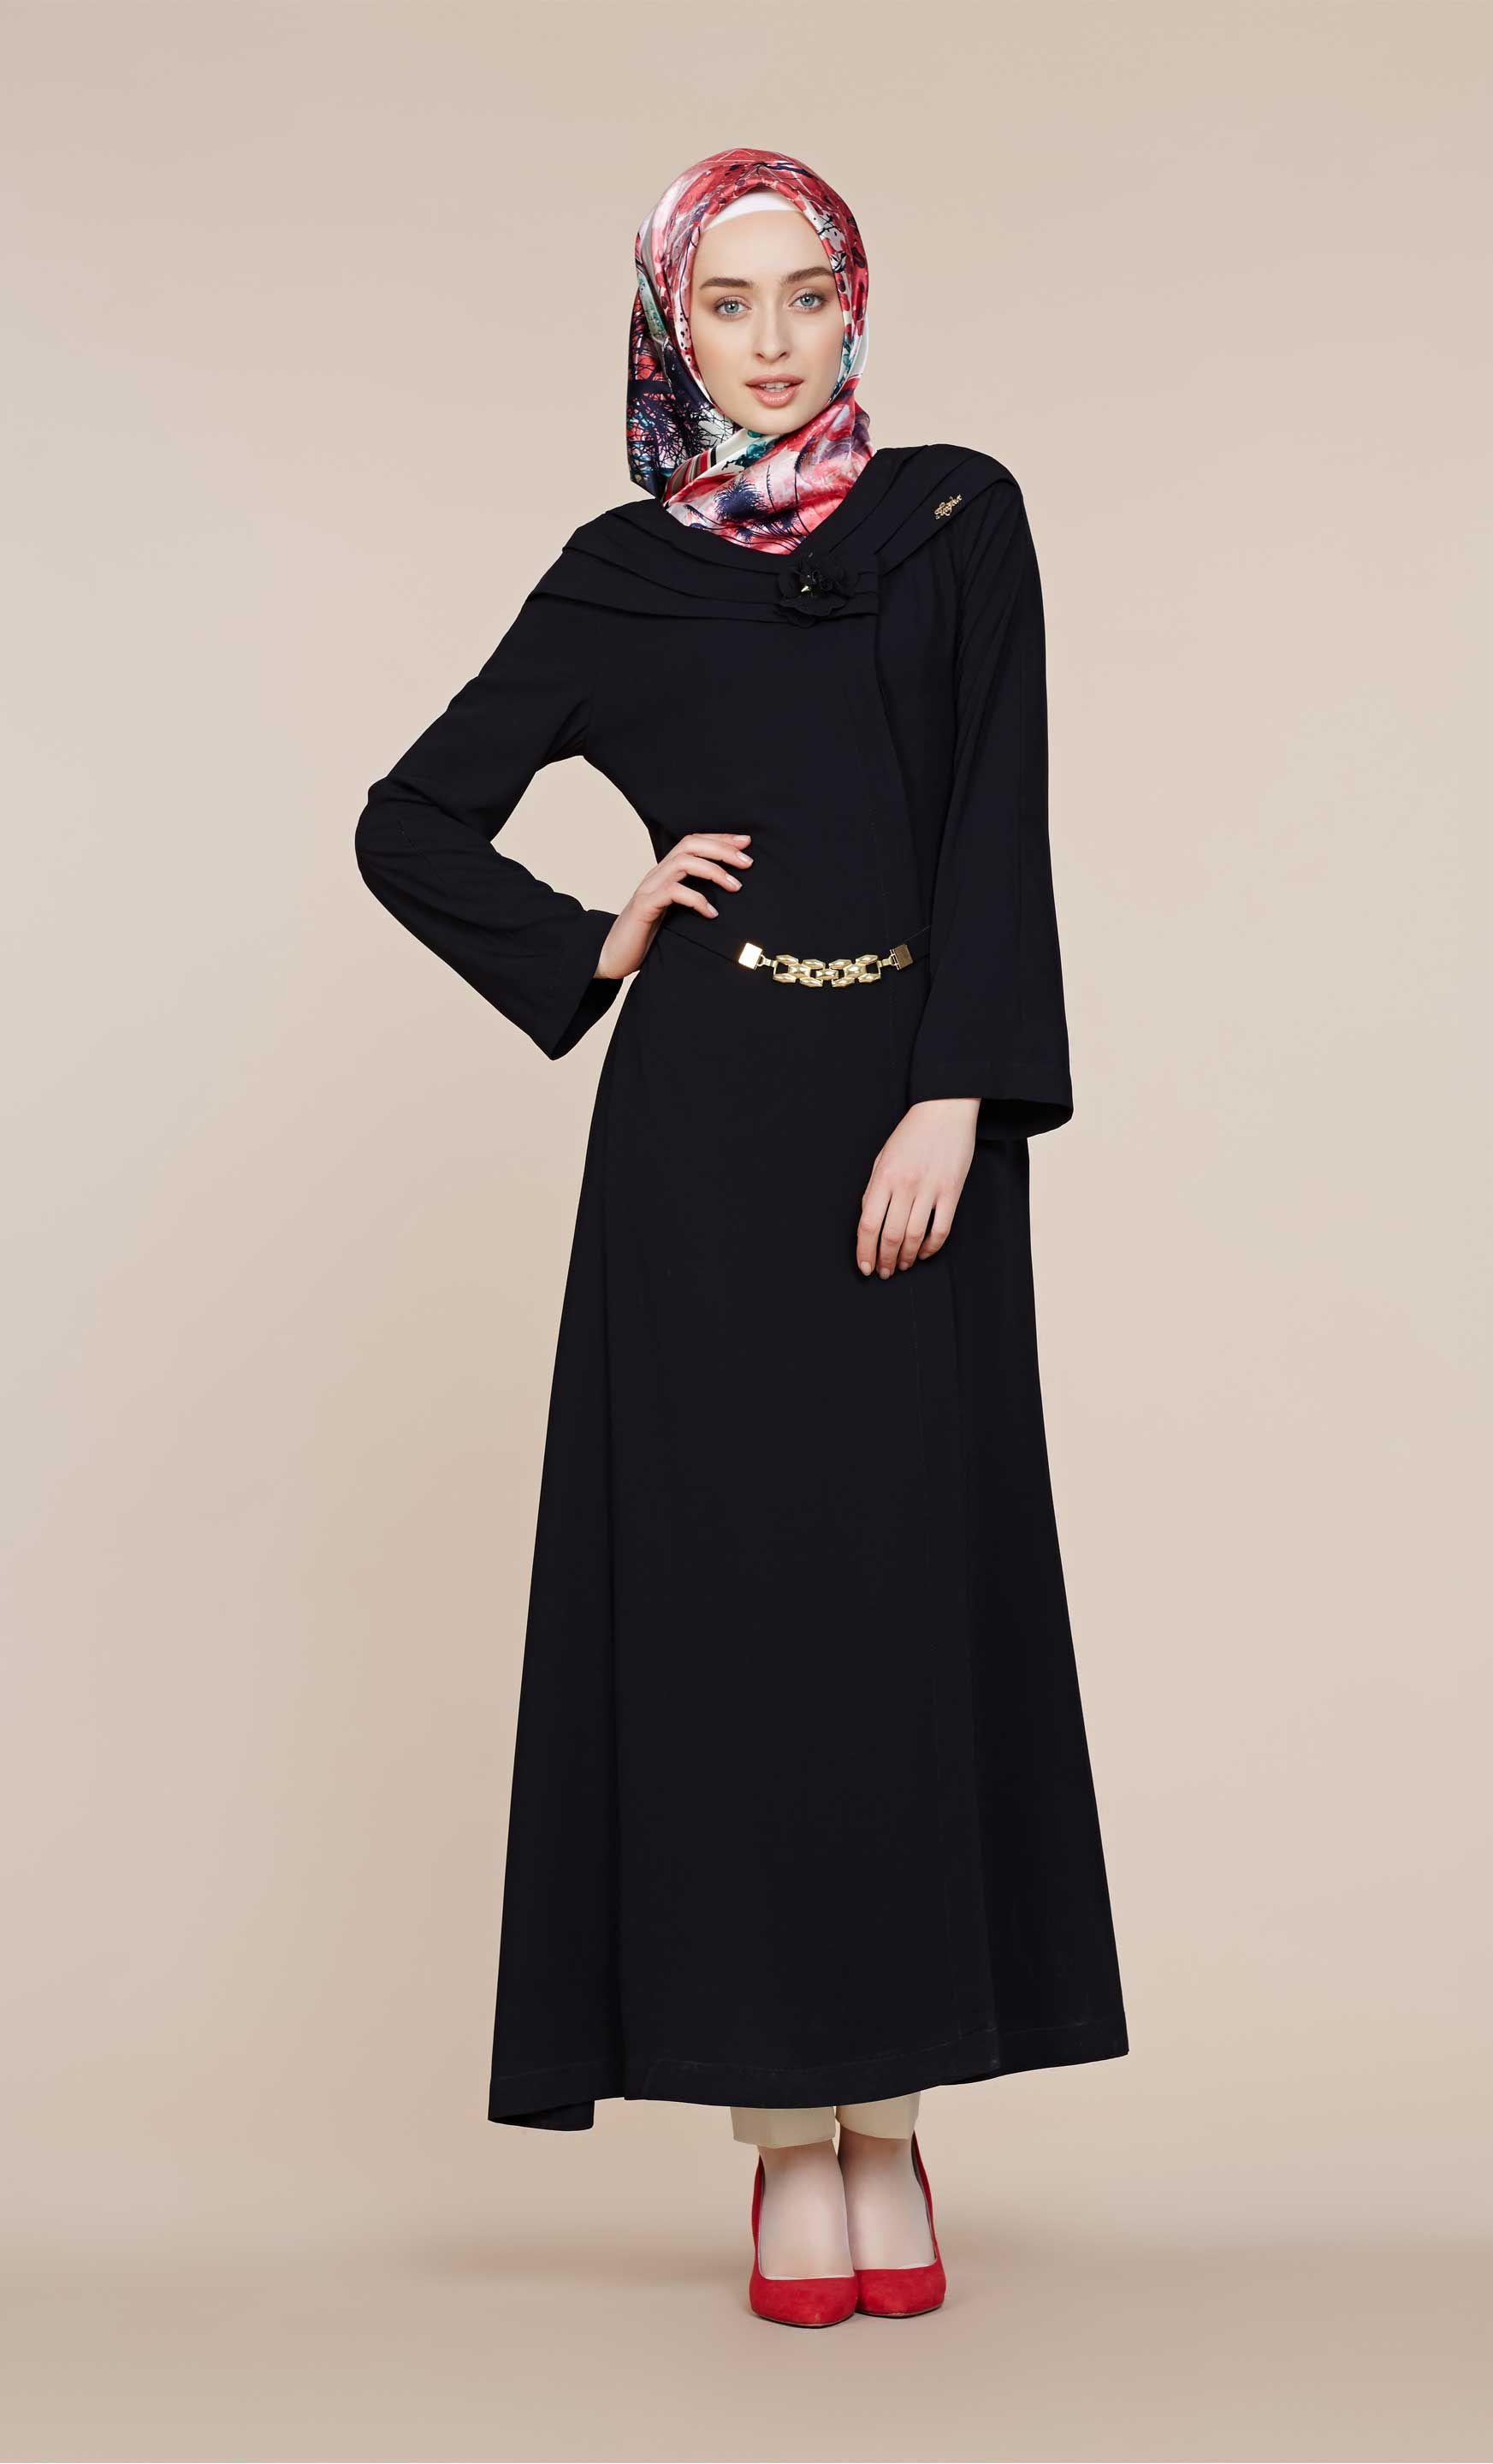 11327c3bca672 Tuğba Store |Tesettür Giyim|Eşarp|Kap|Pardesü|Takım|Elbise|Tunik|Baş ...